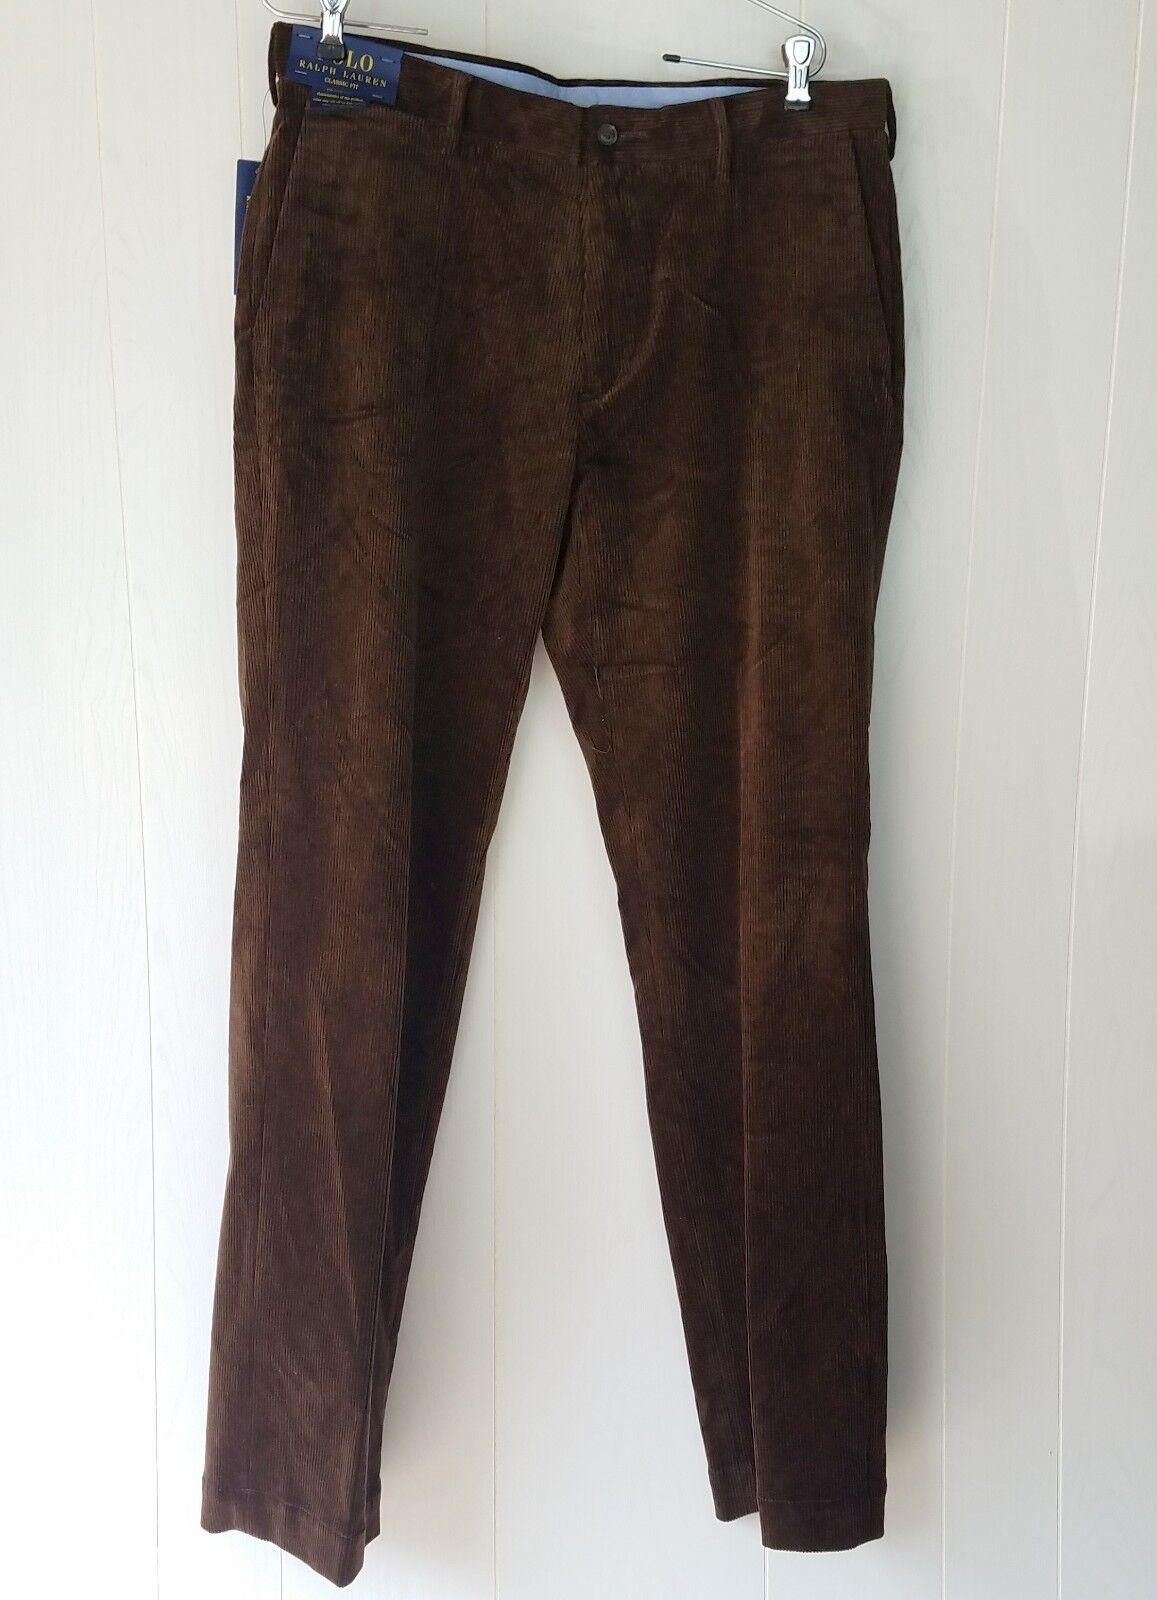 Polo Ralph Lauren Pants size 34 x 34 brown corduroy Men's Classic Fit